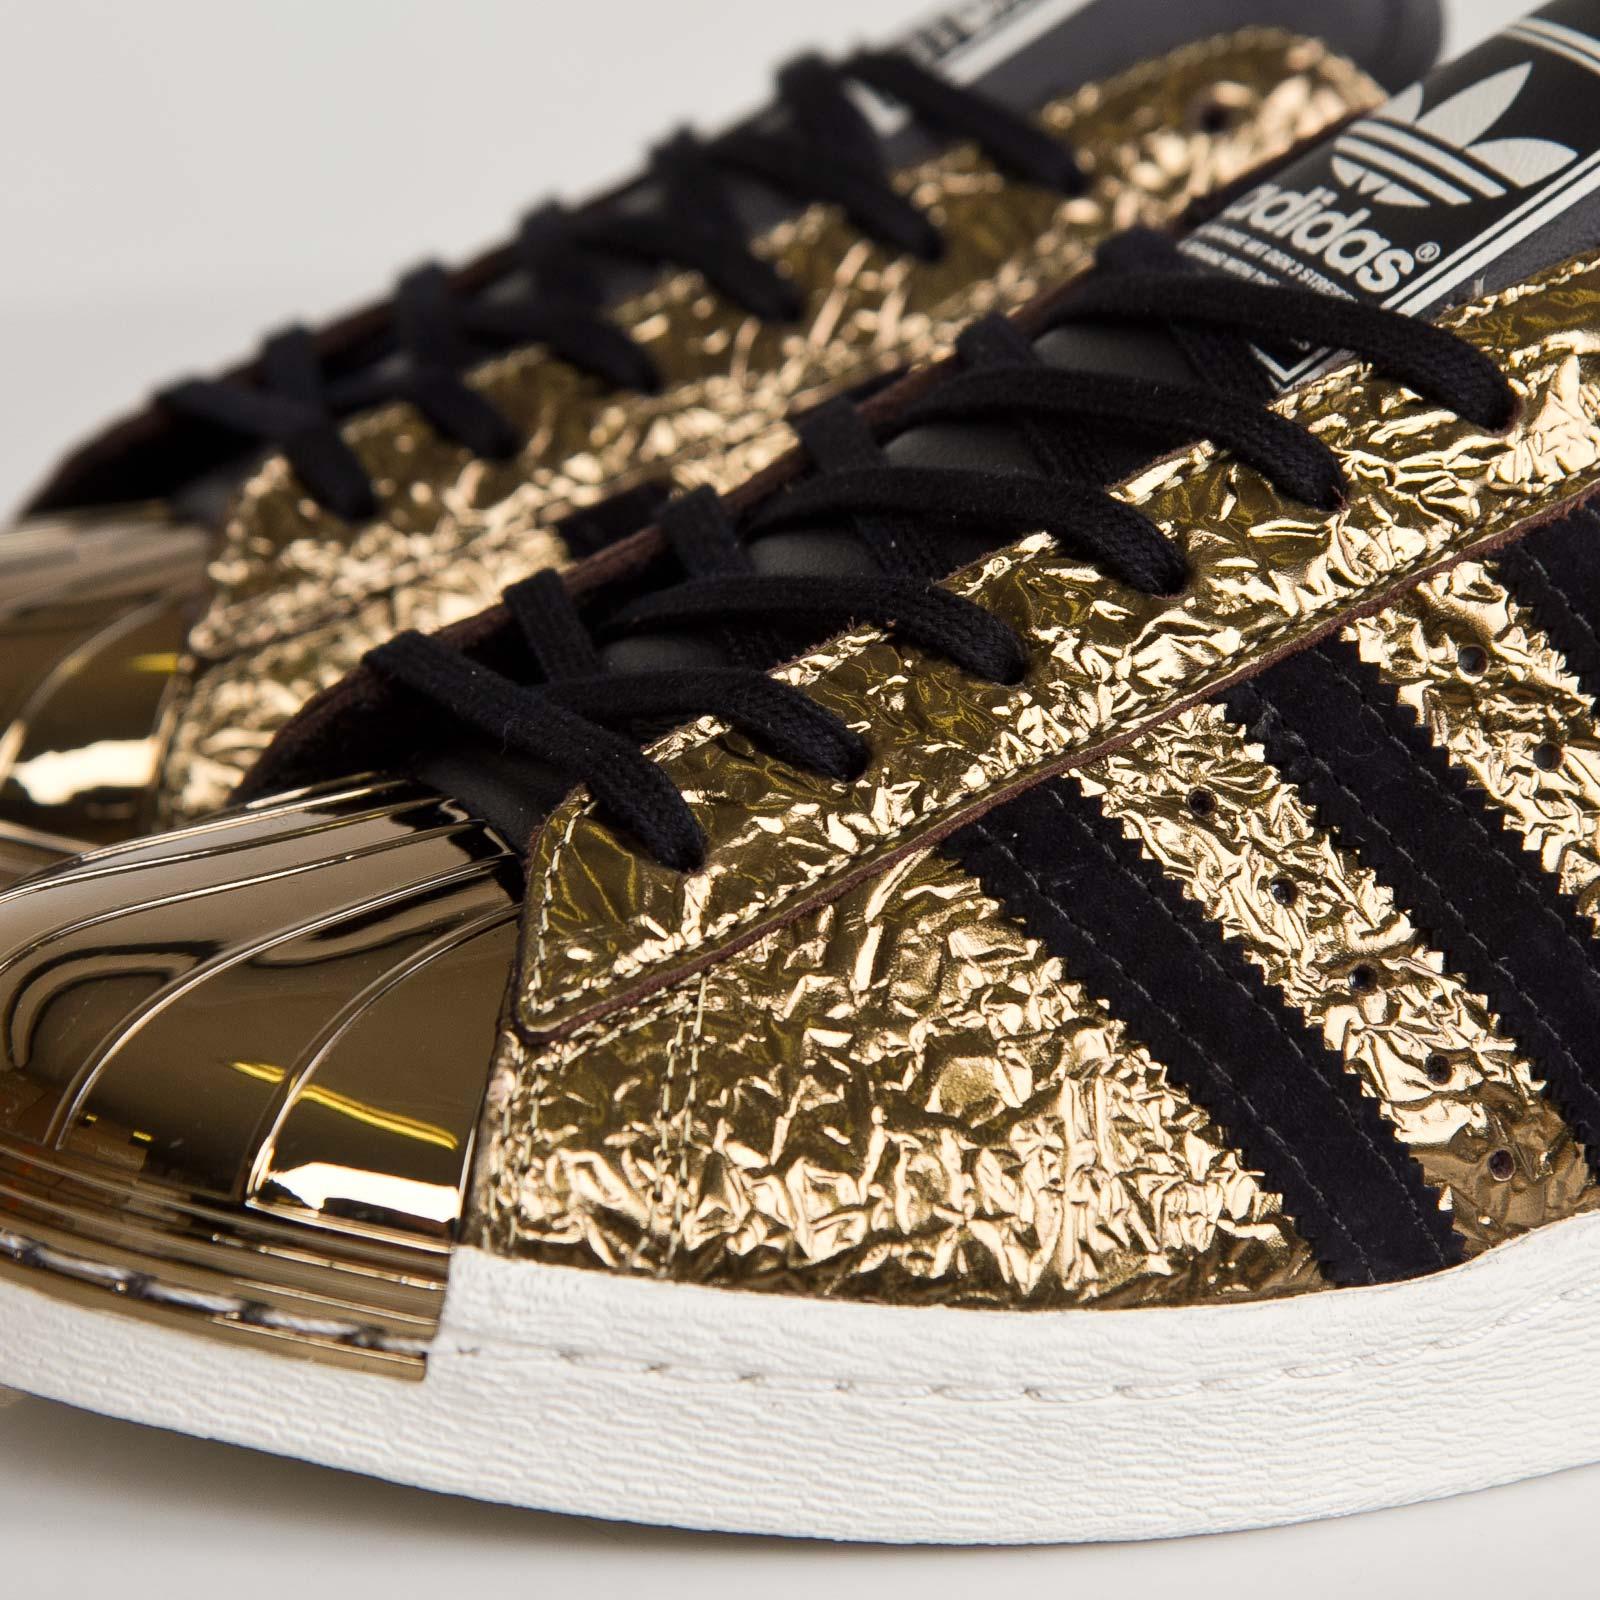 adidas originals superstar 80s metal toe gold foil b25033